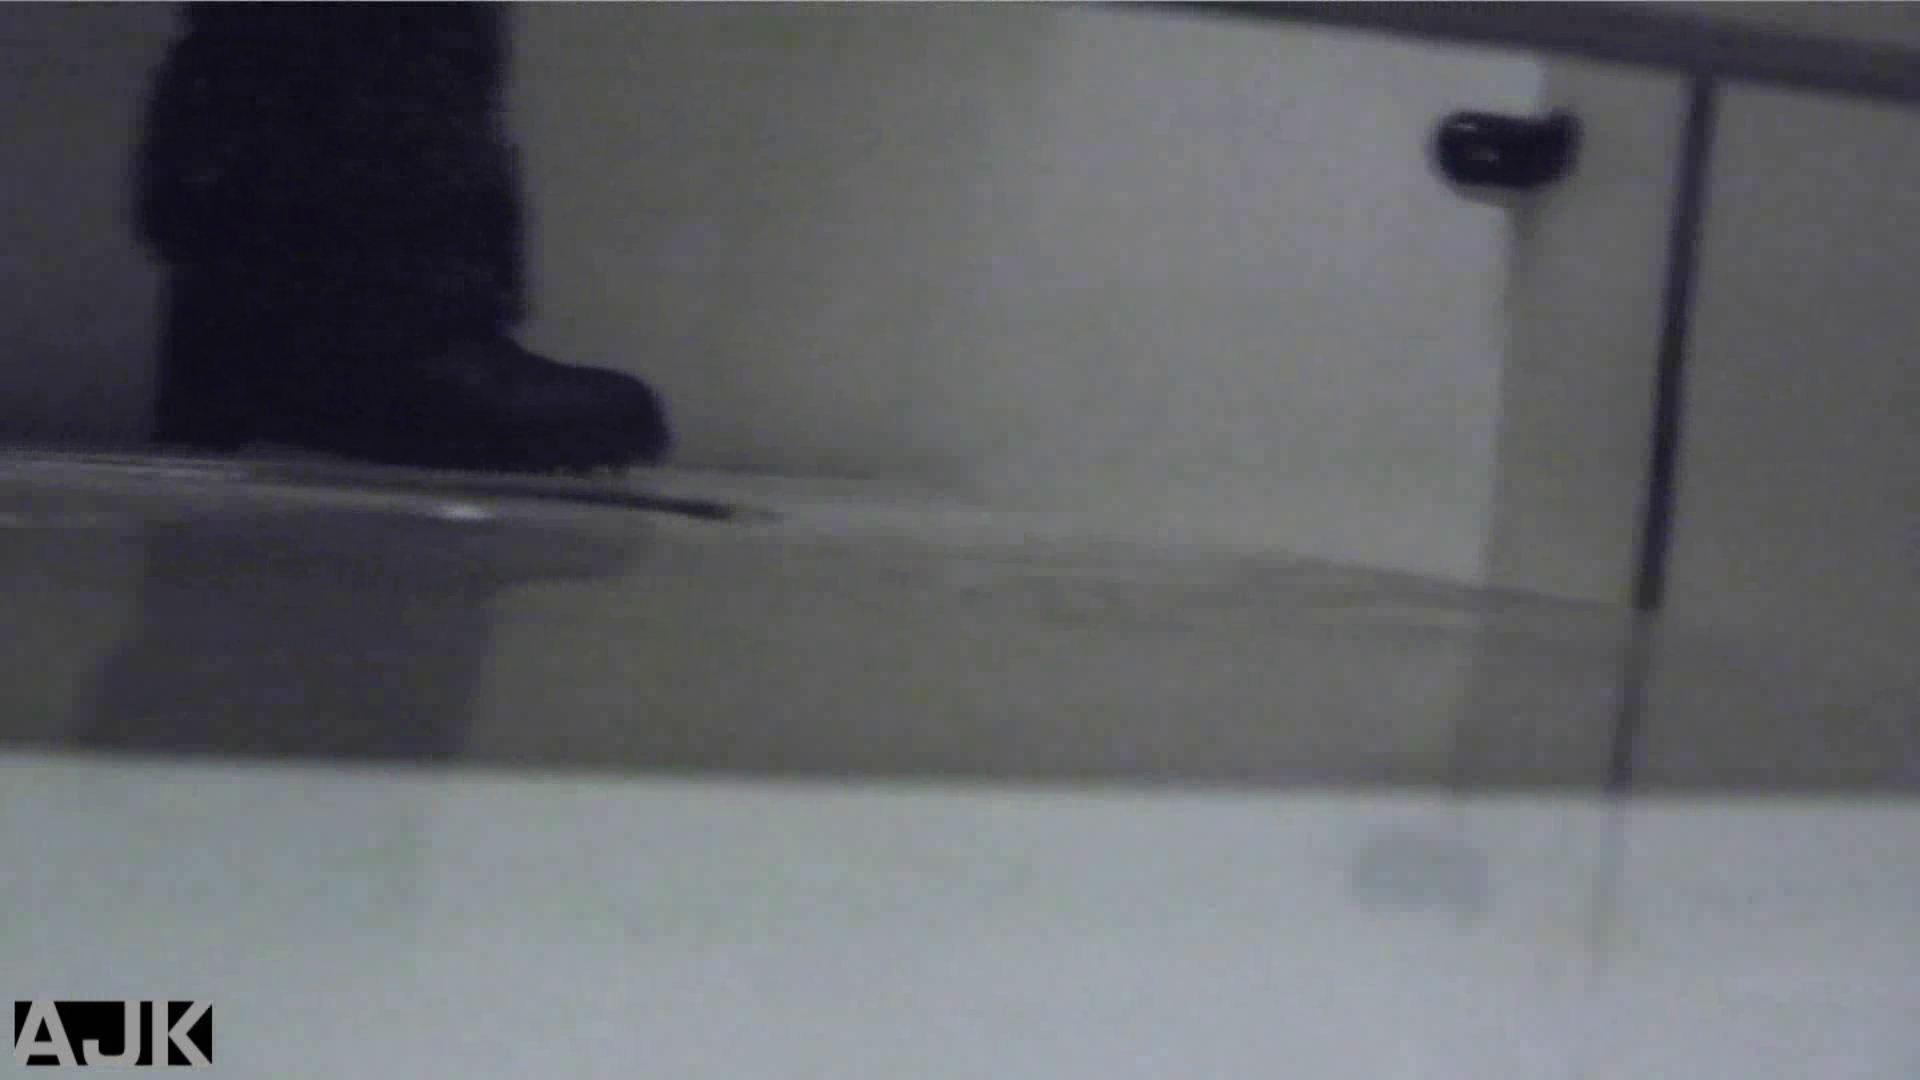 神降臨!史上最強の潜入かわや! vol.28 美女 セックス無修正動画無料 109連発 89